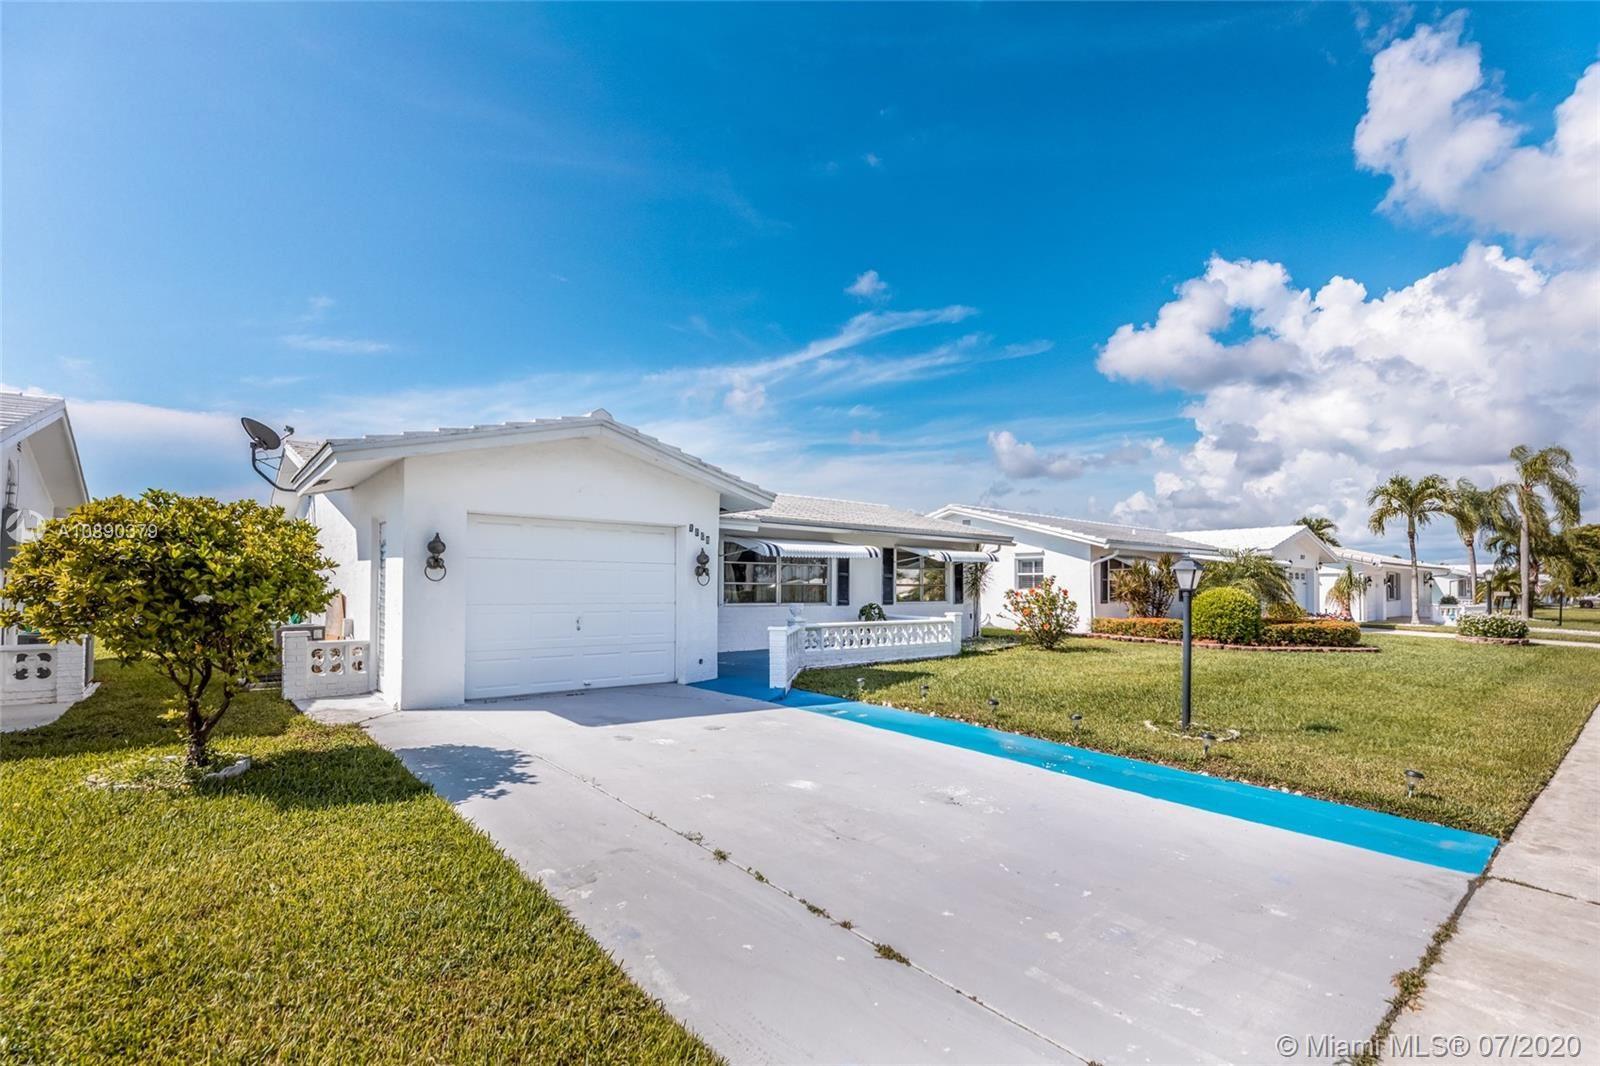 Photo of 1808 SW 18th St, Boynton Beach, FL 33426 (MLS # A10890379)